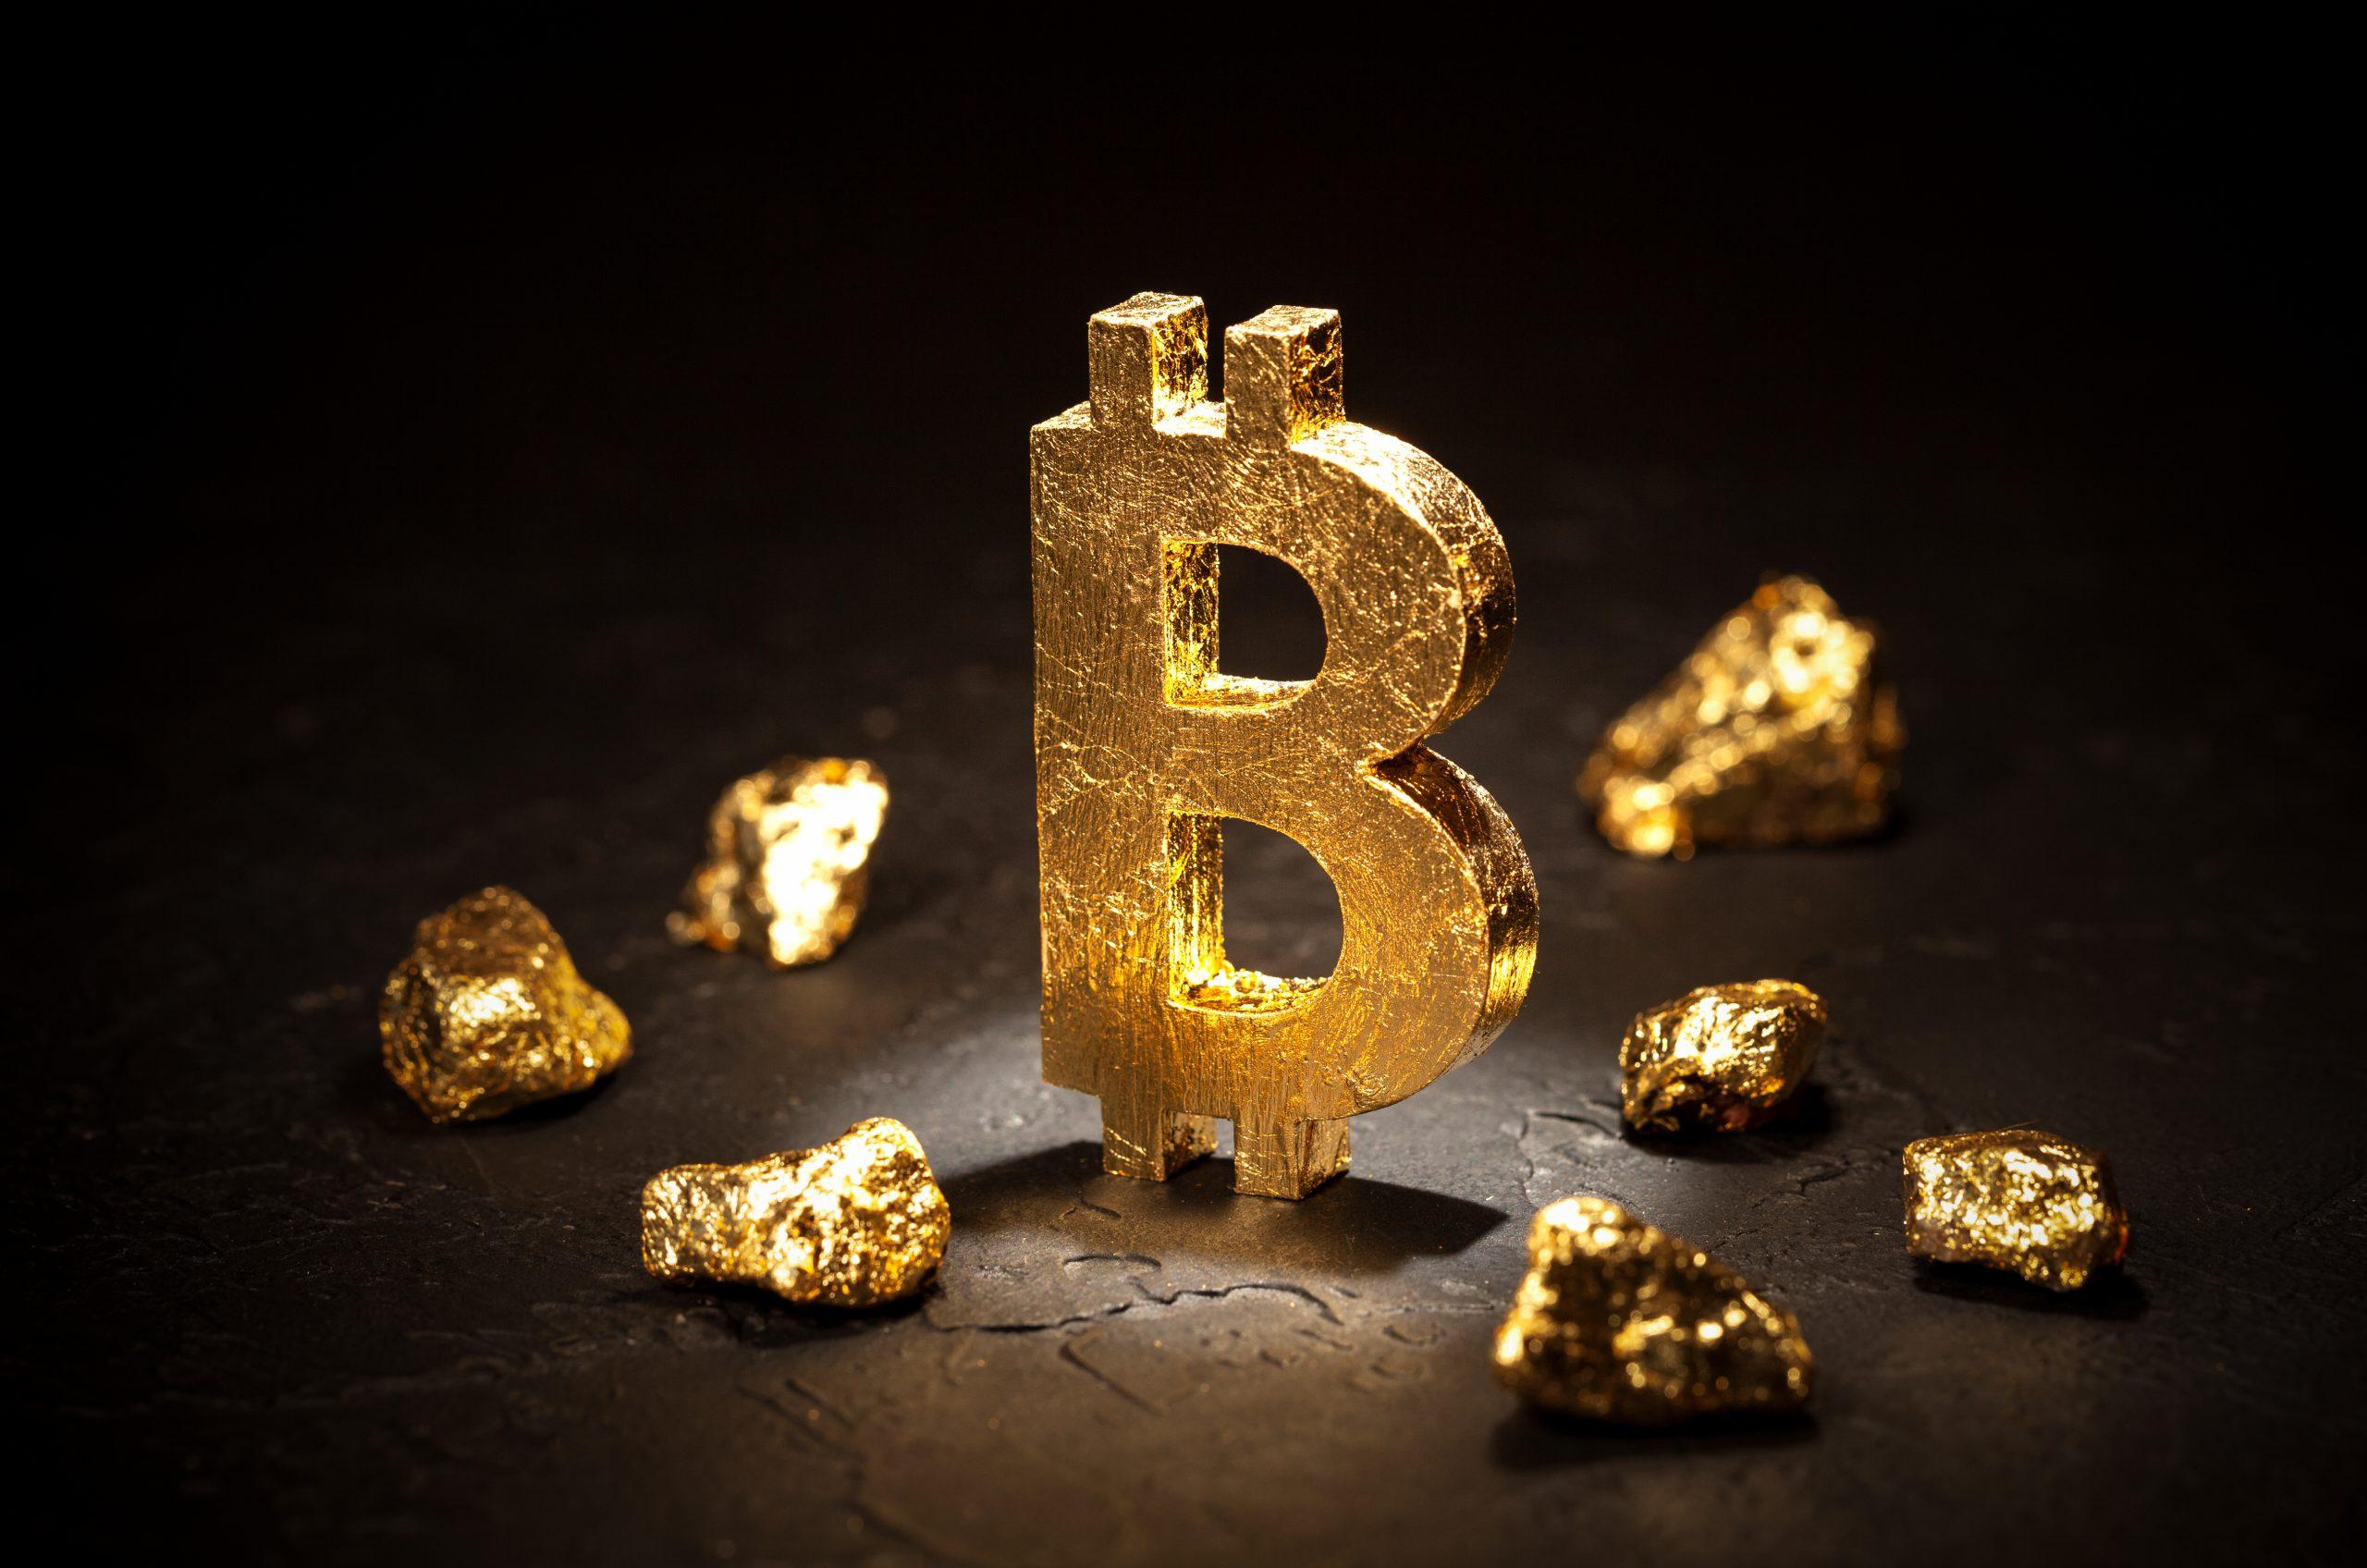 Quanto tempo ci vuole per estrarre un bitcoin